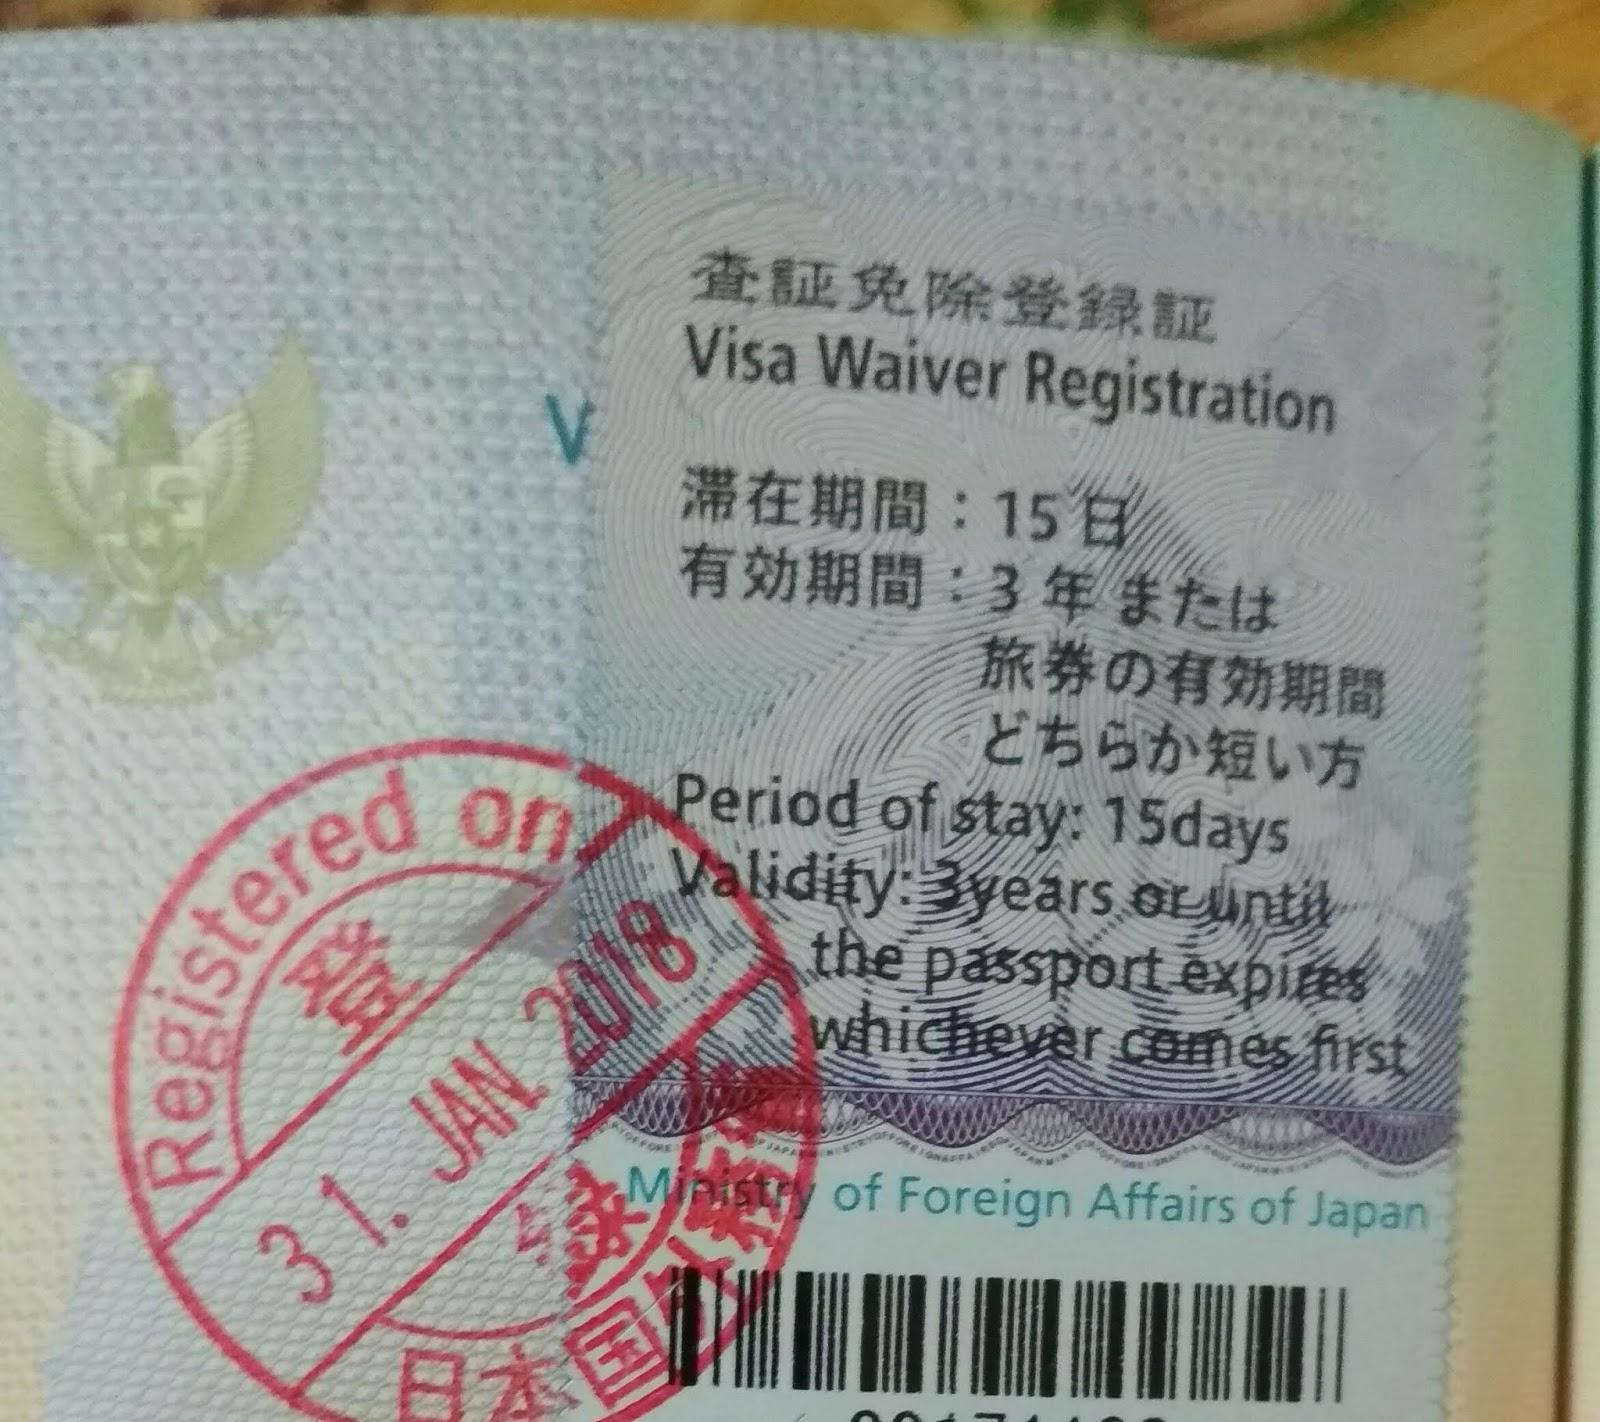 Dulu saya masih menggunakan pasport biasa sehingga harus ngurus visa dikedutaan jepang terdekat sesuai dengan KTP asal